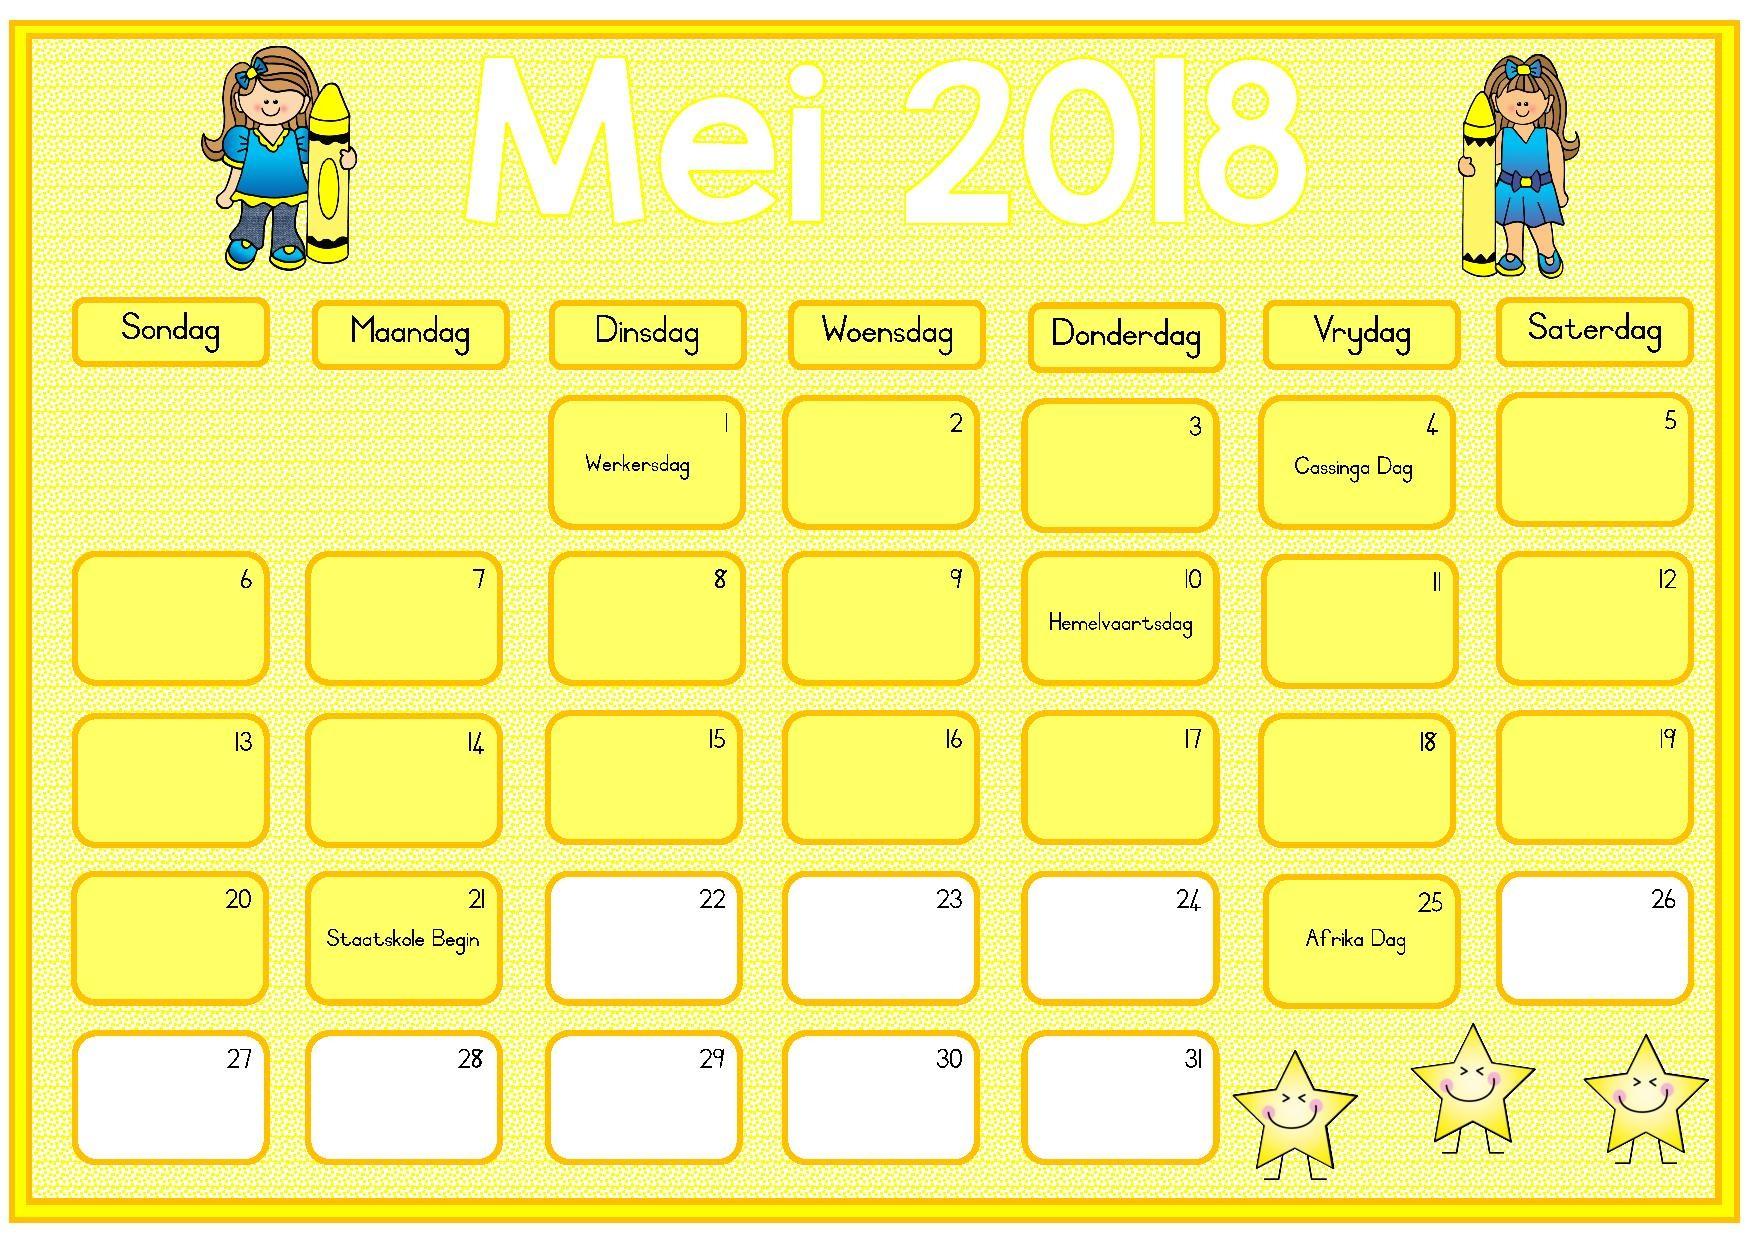 Kalender 2019 Med Helligdager Pdf Actual Kalender Great Kalender November Mit Feiertagen with Kalender Of Kalender 2019 Med Helligdager Pdf Más Recientes Visittonsberg